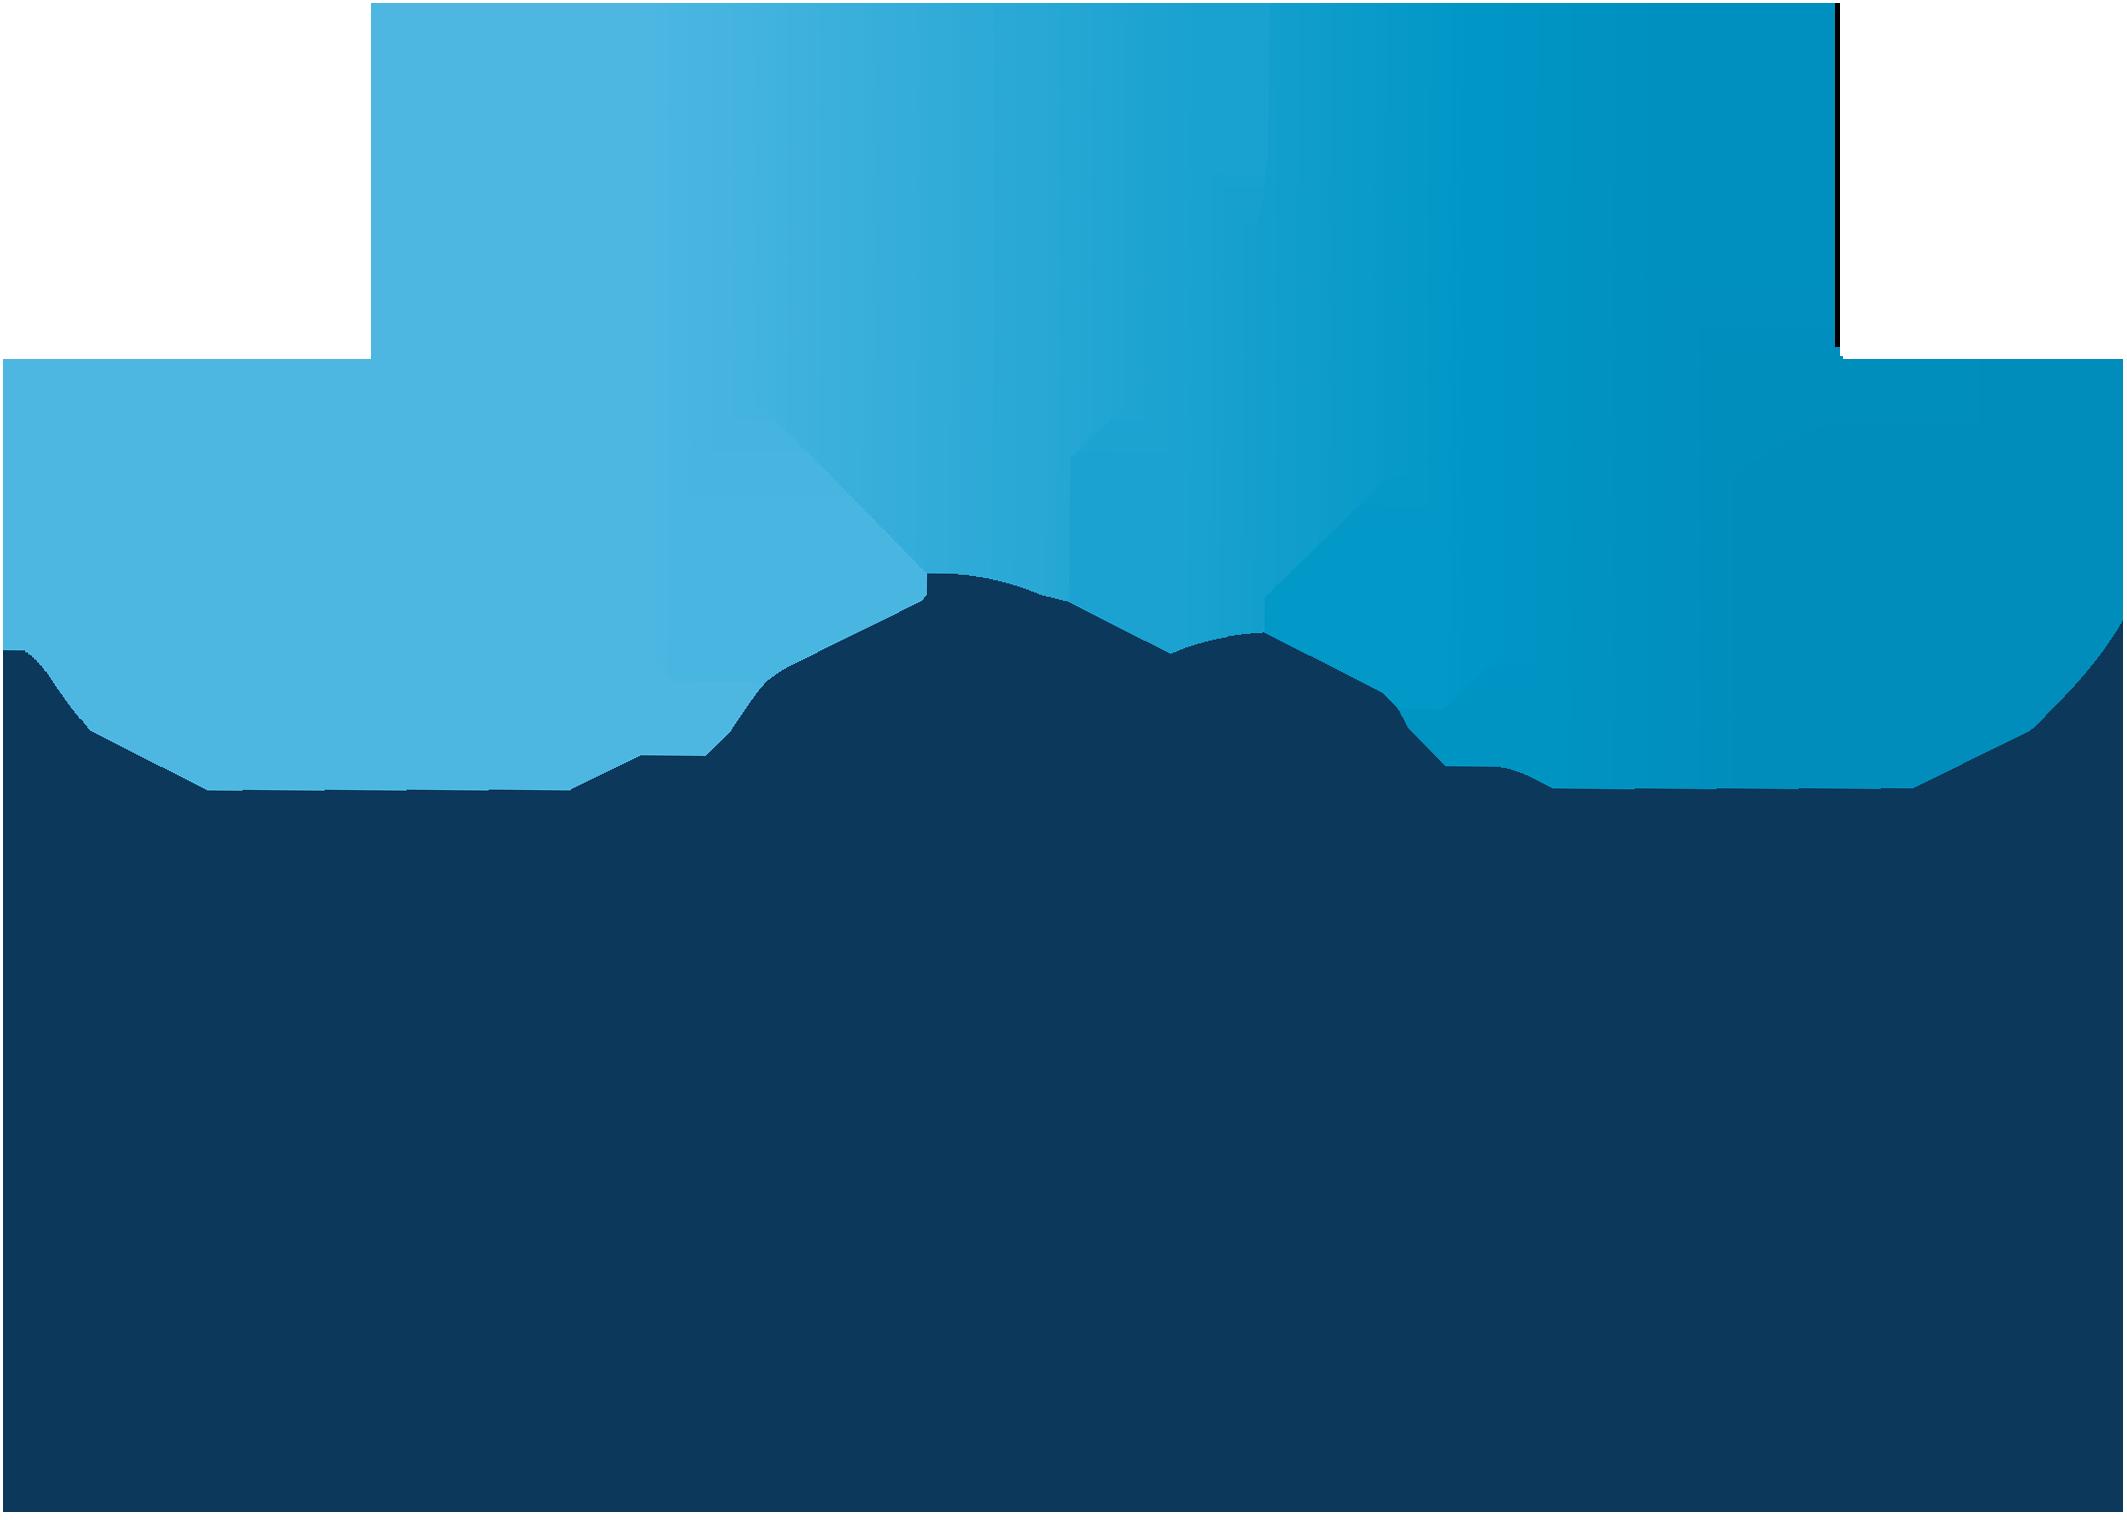 サイバーセキュリティクラウド、Amazon Web Servicesユーザー向けに提供するAWS WAFマネージド ...